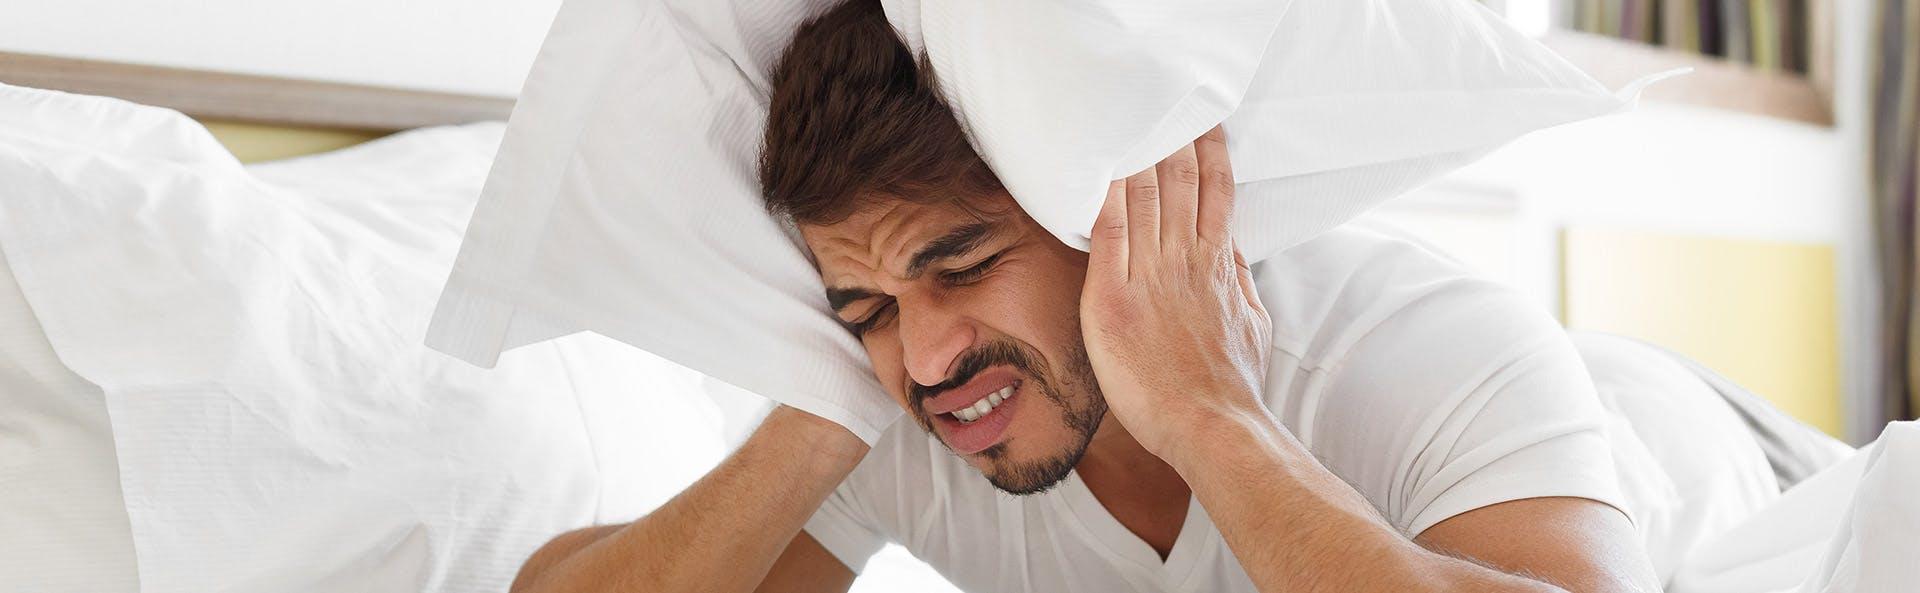 رجل في السرير يعاني من صداع نصفي شديد